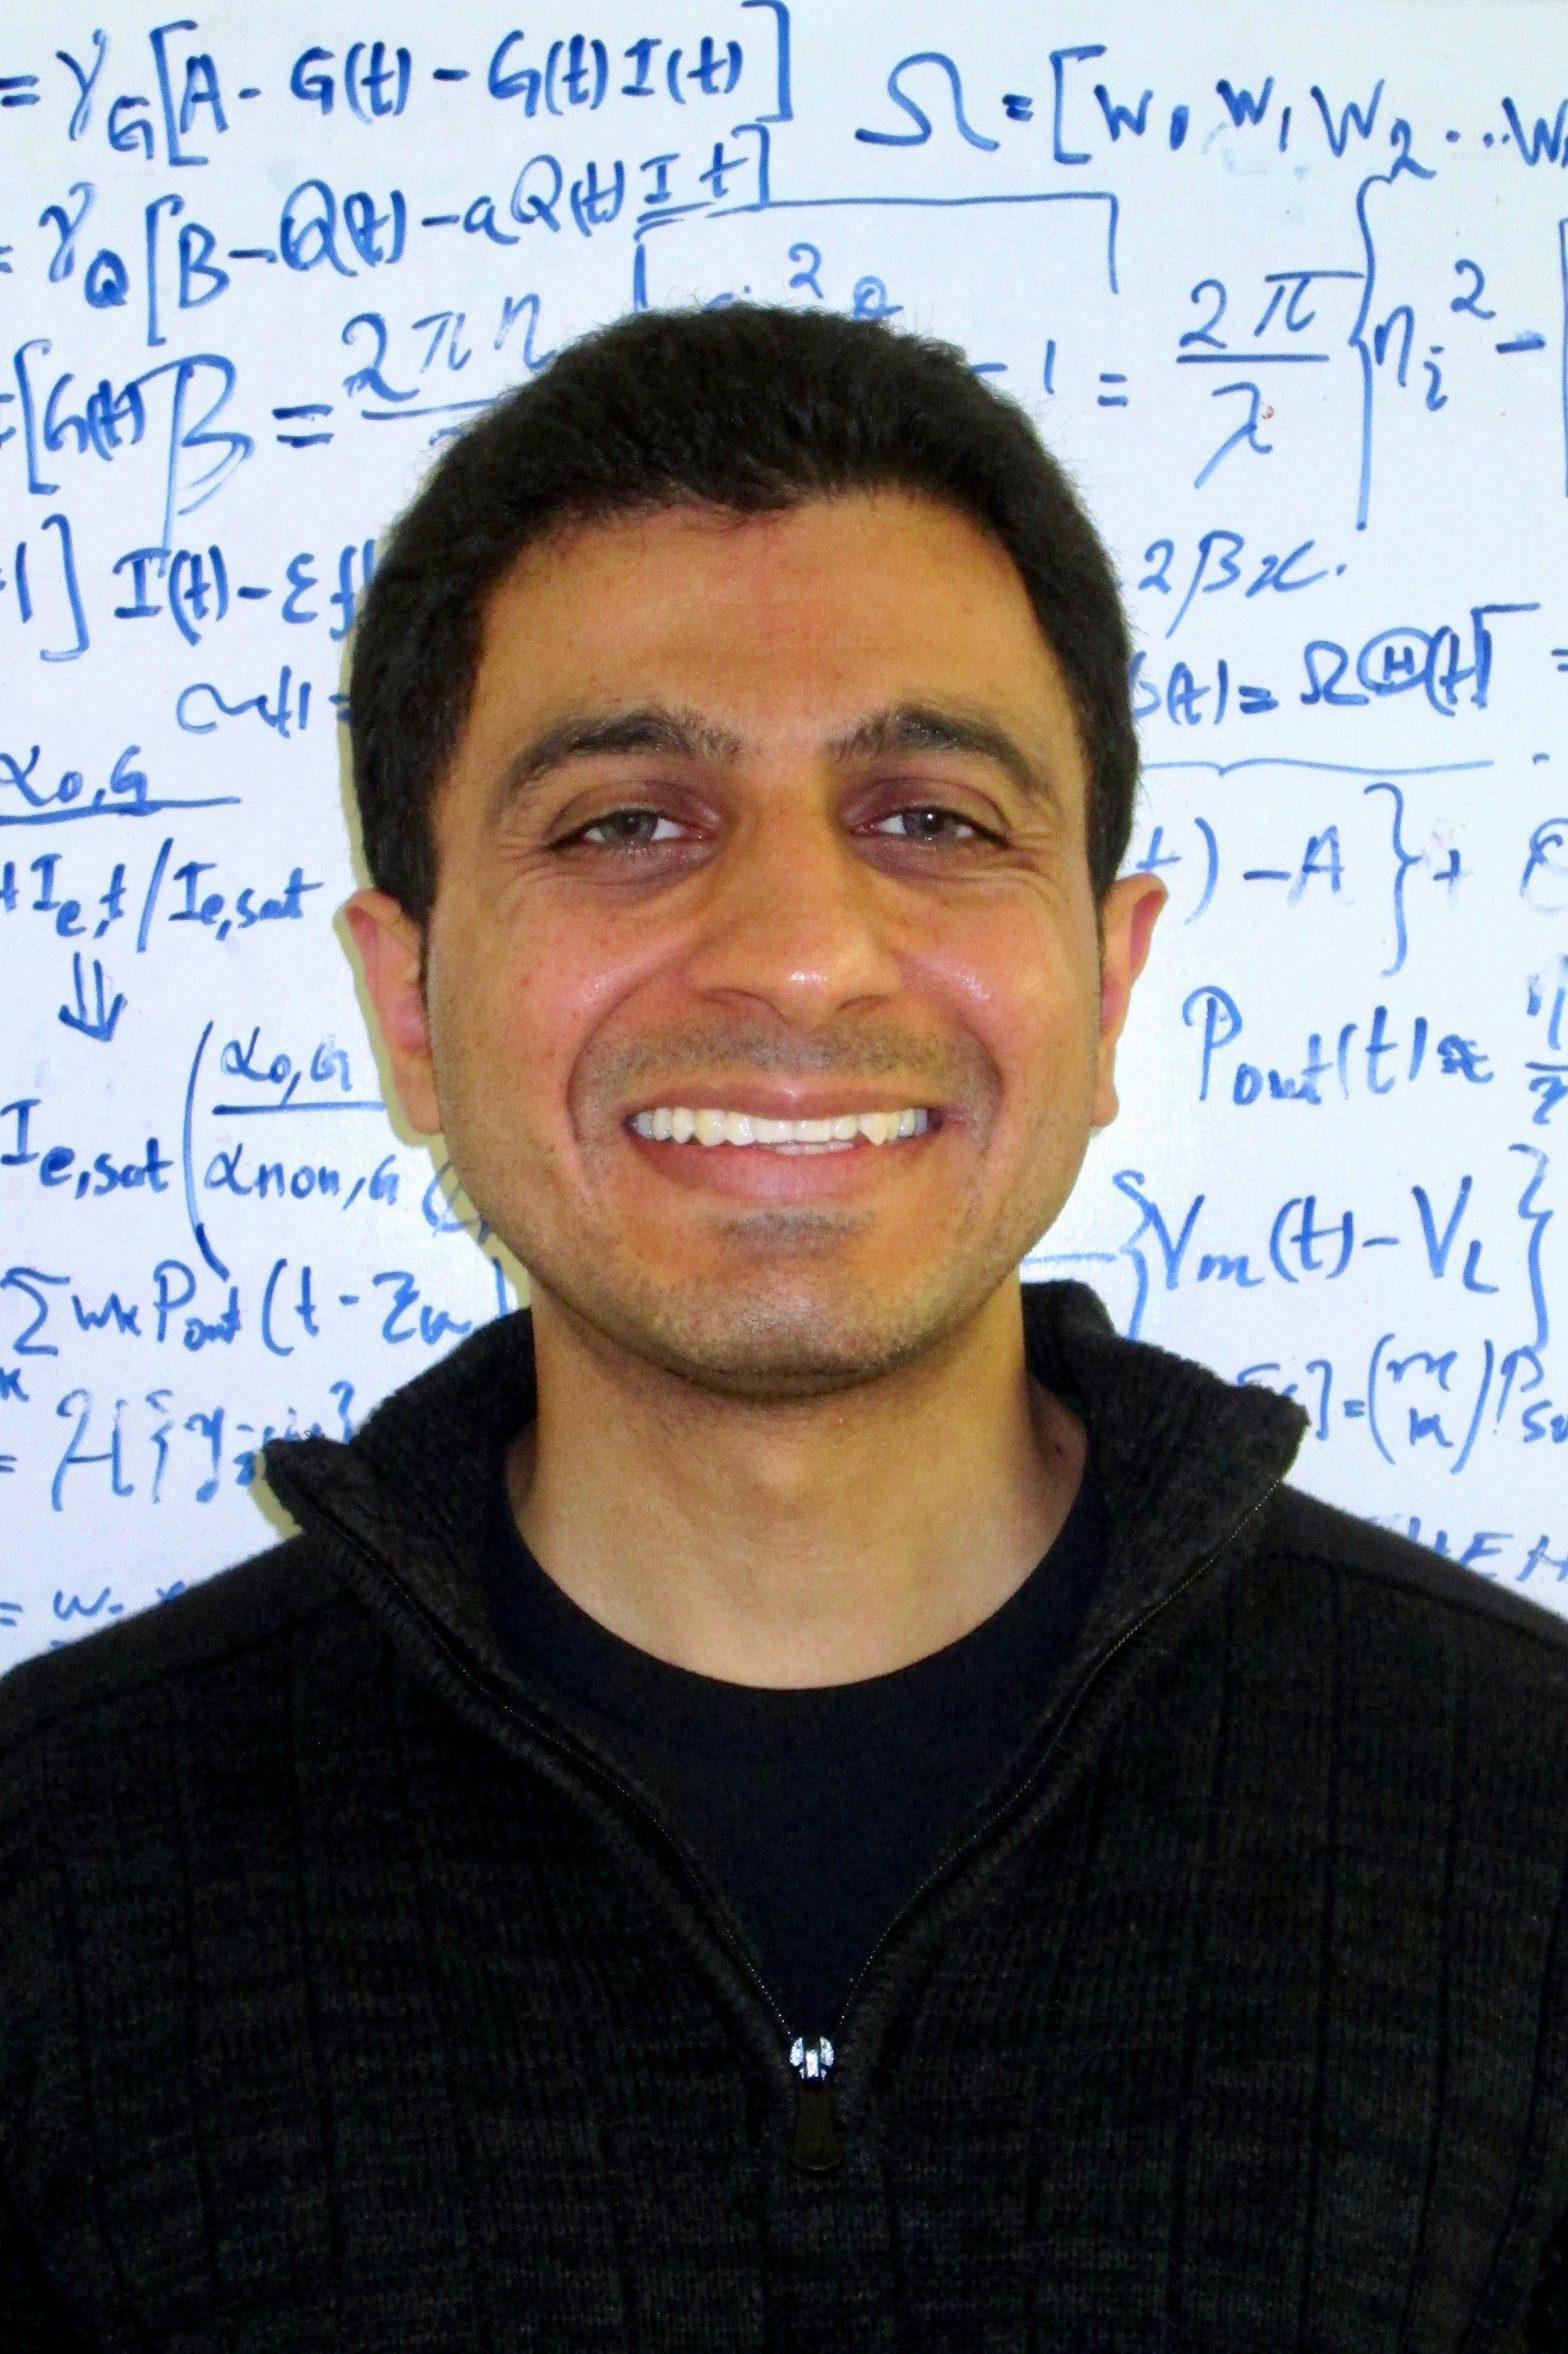 Bhavin J. Shastri